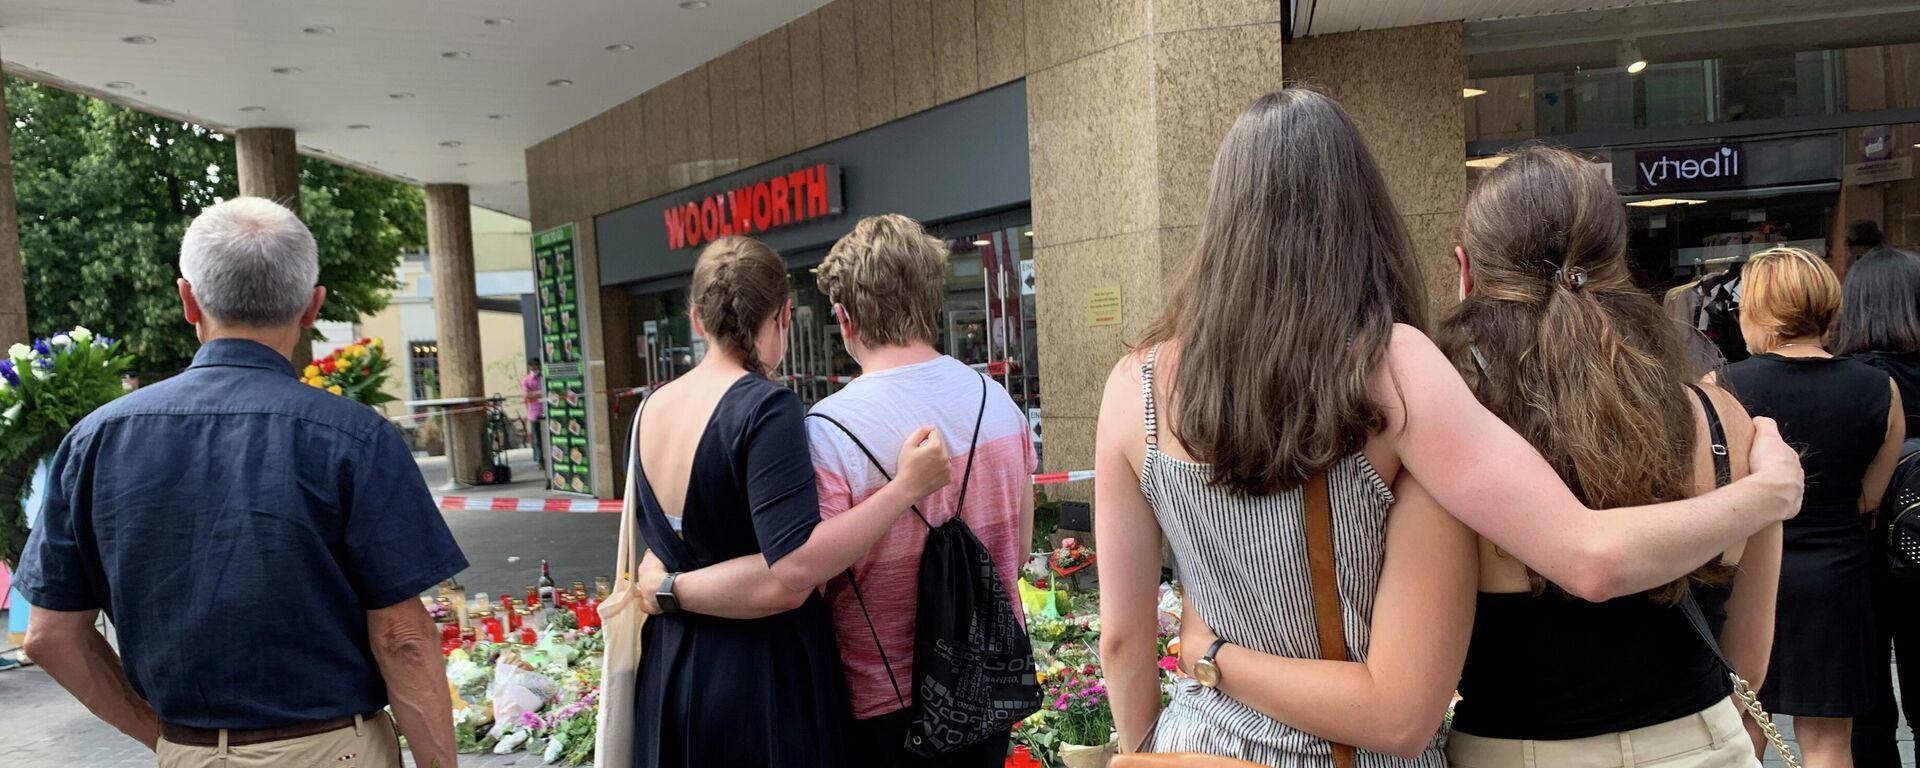 Menschen trauern neben Blumen und Kerzen vor einem Kaufhaus in Würzburg, 27. Juni 2021, nach einem Messerangriff am Freitag durch einen 24-jährigen somalischen Einwanderer, bei dem drei Frauen getötet und fünf weitere Frauen schwer verletzt wurden.  - SNA, 1920, 28.06.2021